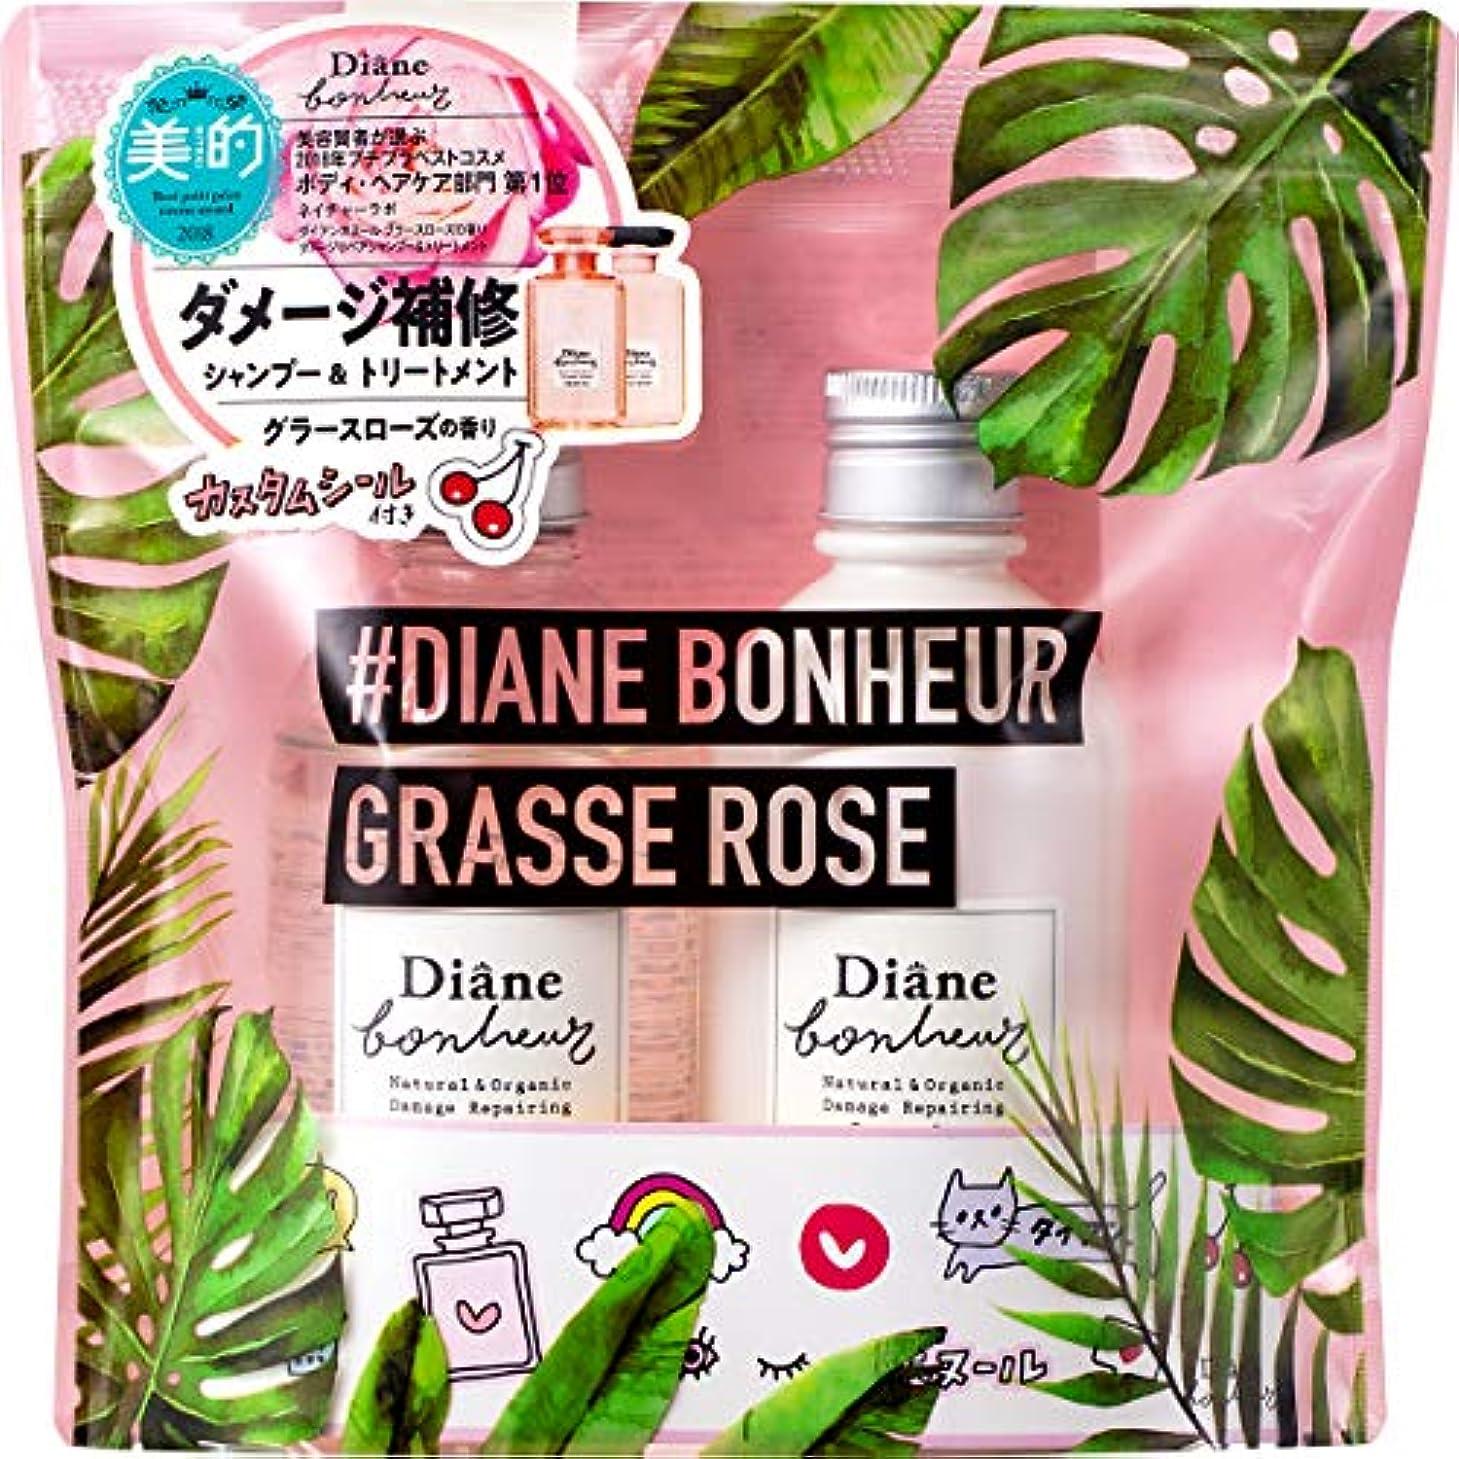 所有者必要としている遺体安置所Diane Bonheur (ダイアン ボヌール) ダイアン ボヌール シャンプー&トリートメント セット GrasseRose 200mlボトル ポーチ付 200ml×2